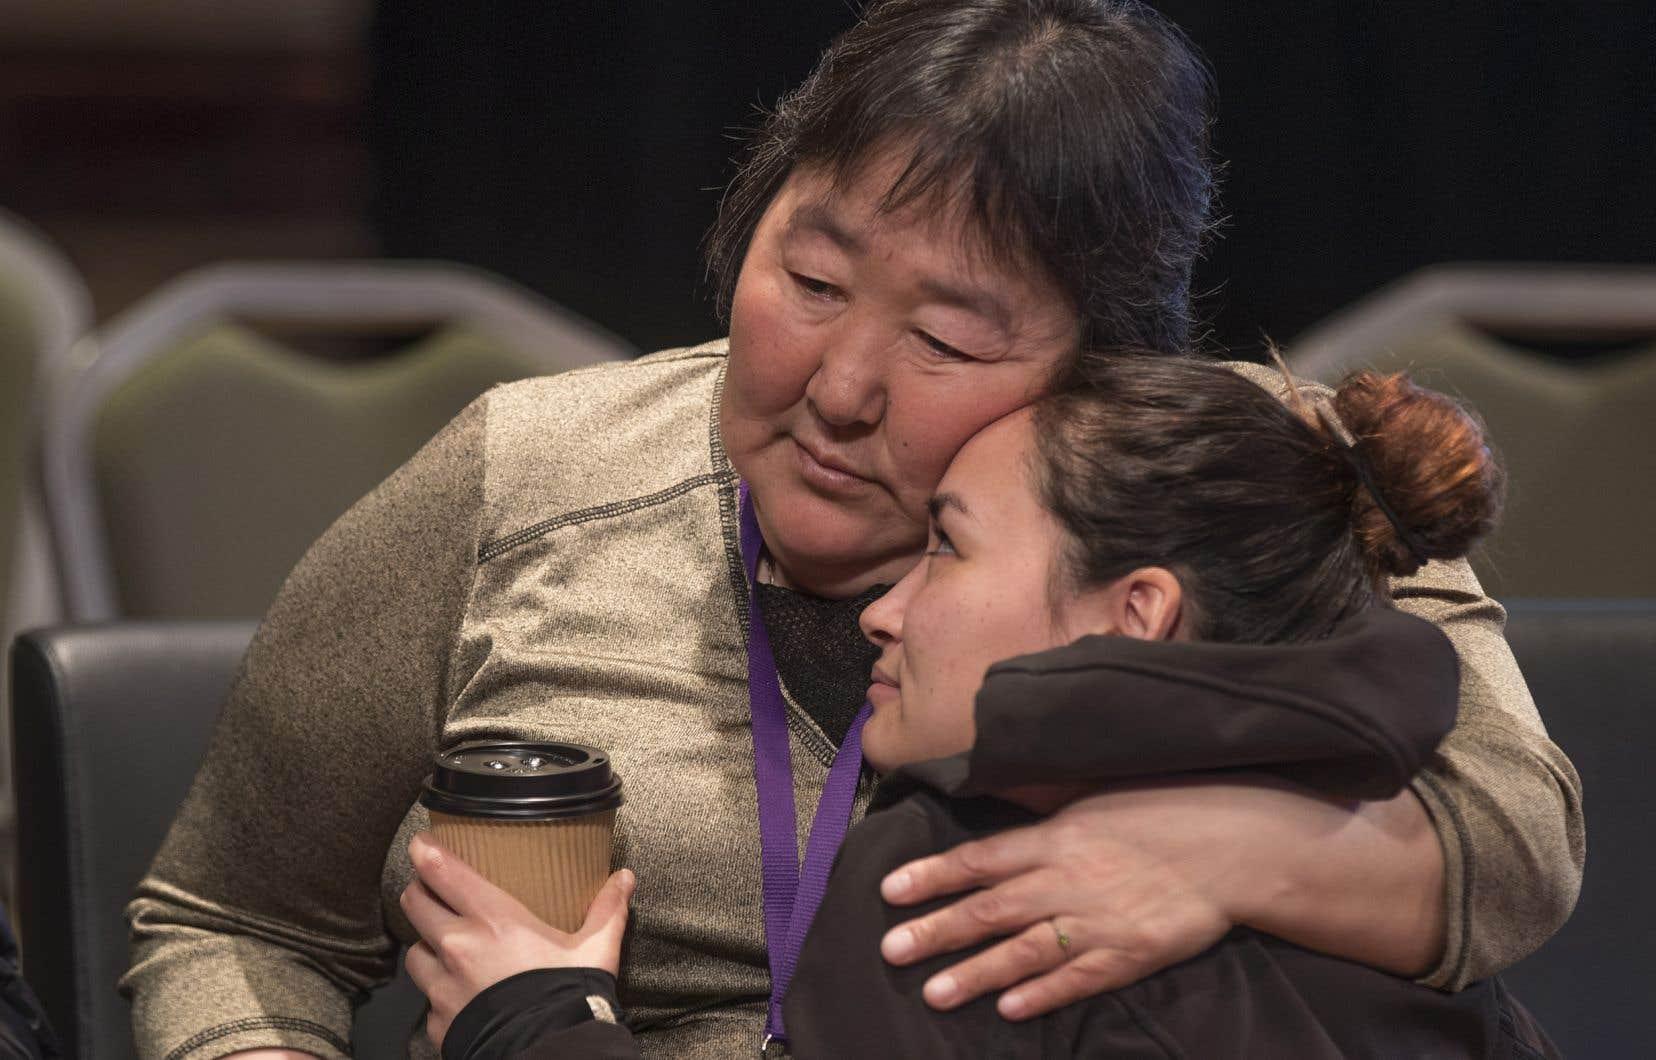 Des témoignages émouvants ont été entendus jeudi, à Montréal, dans le cadre des consultations de l'Enquête nationale sur les femmes et les filles autochtones disparues et assassinées.